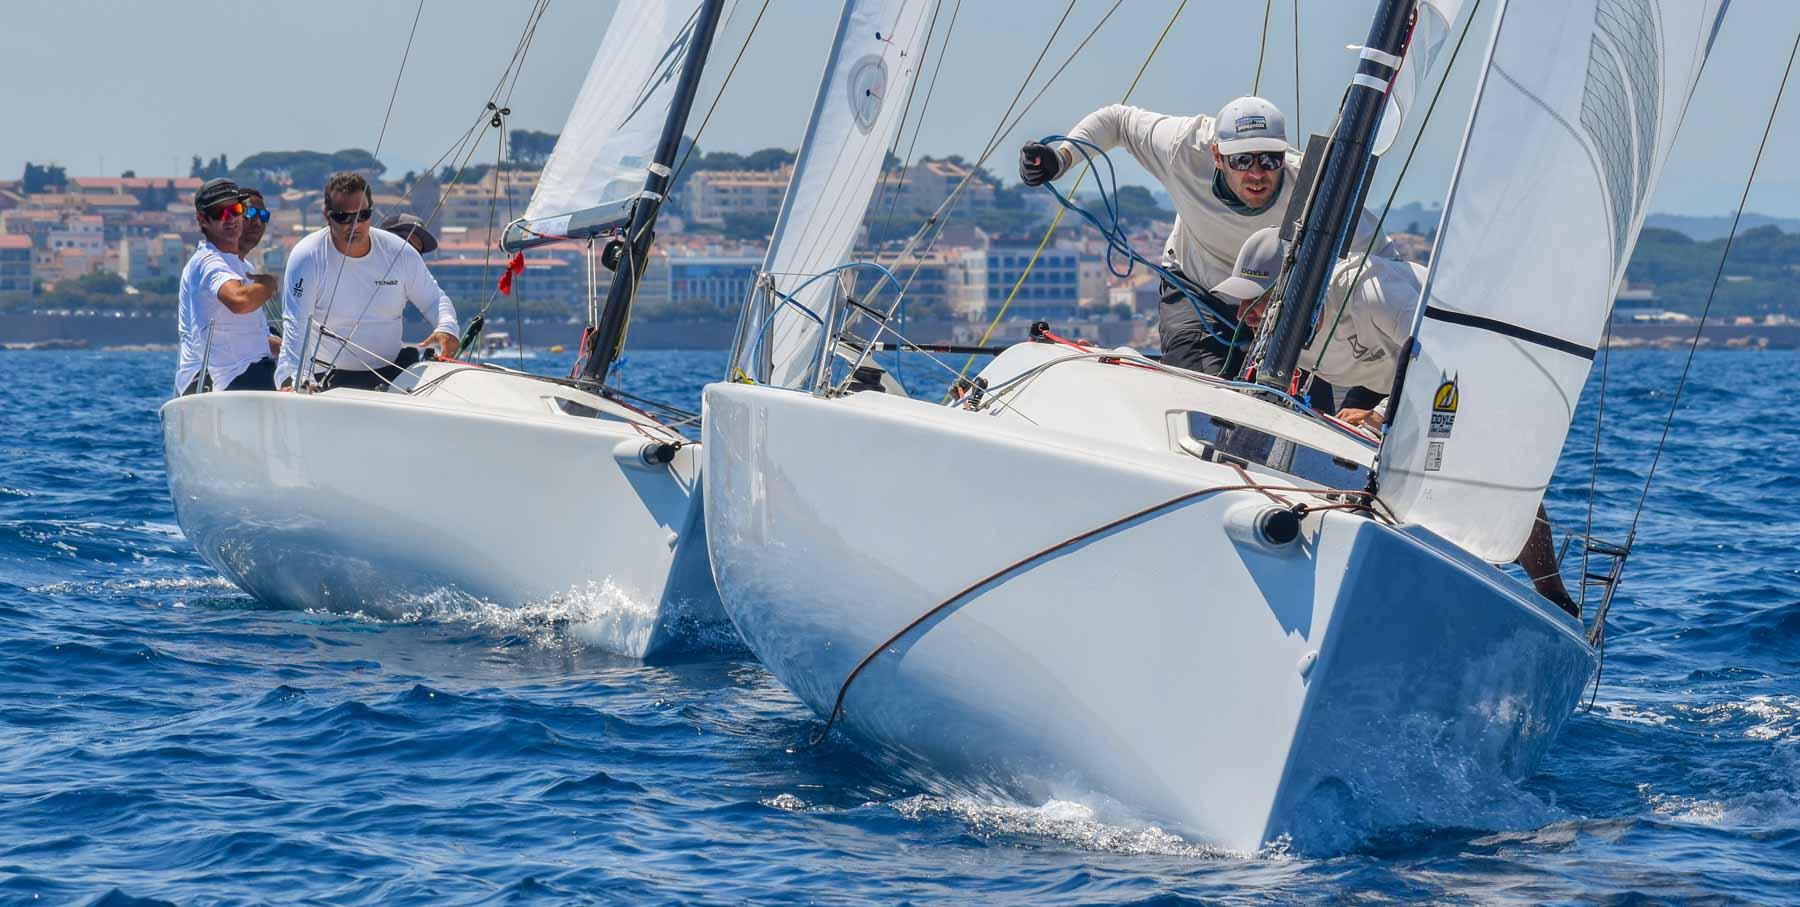 Campionat de Catalunya de J70 2021